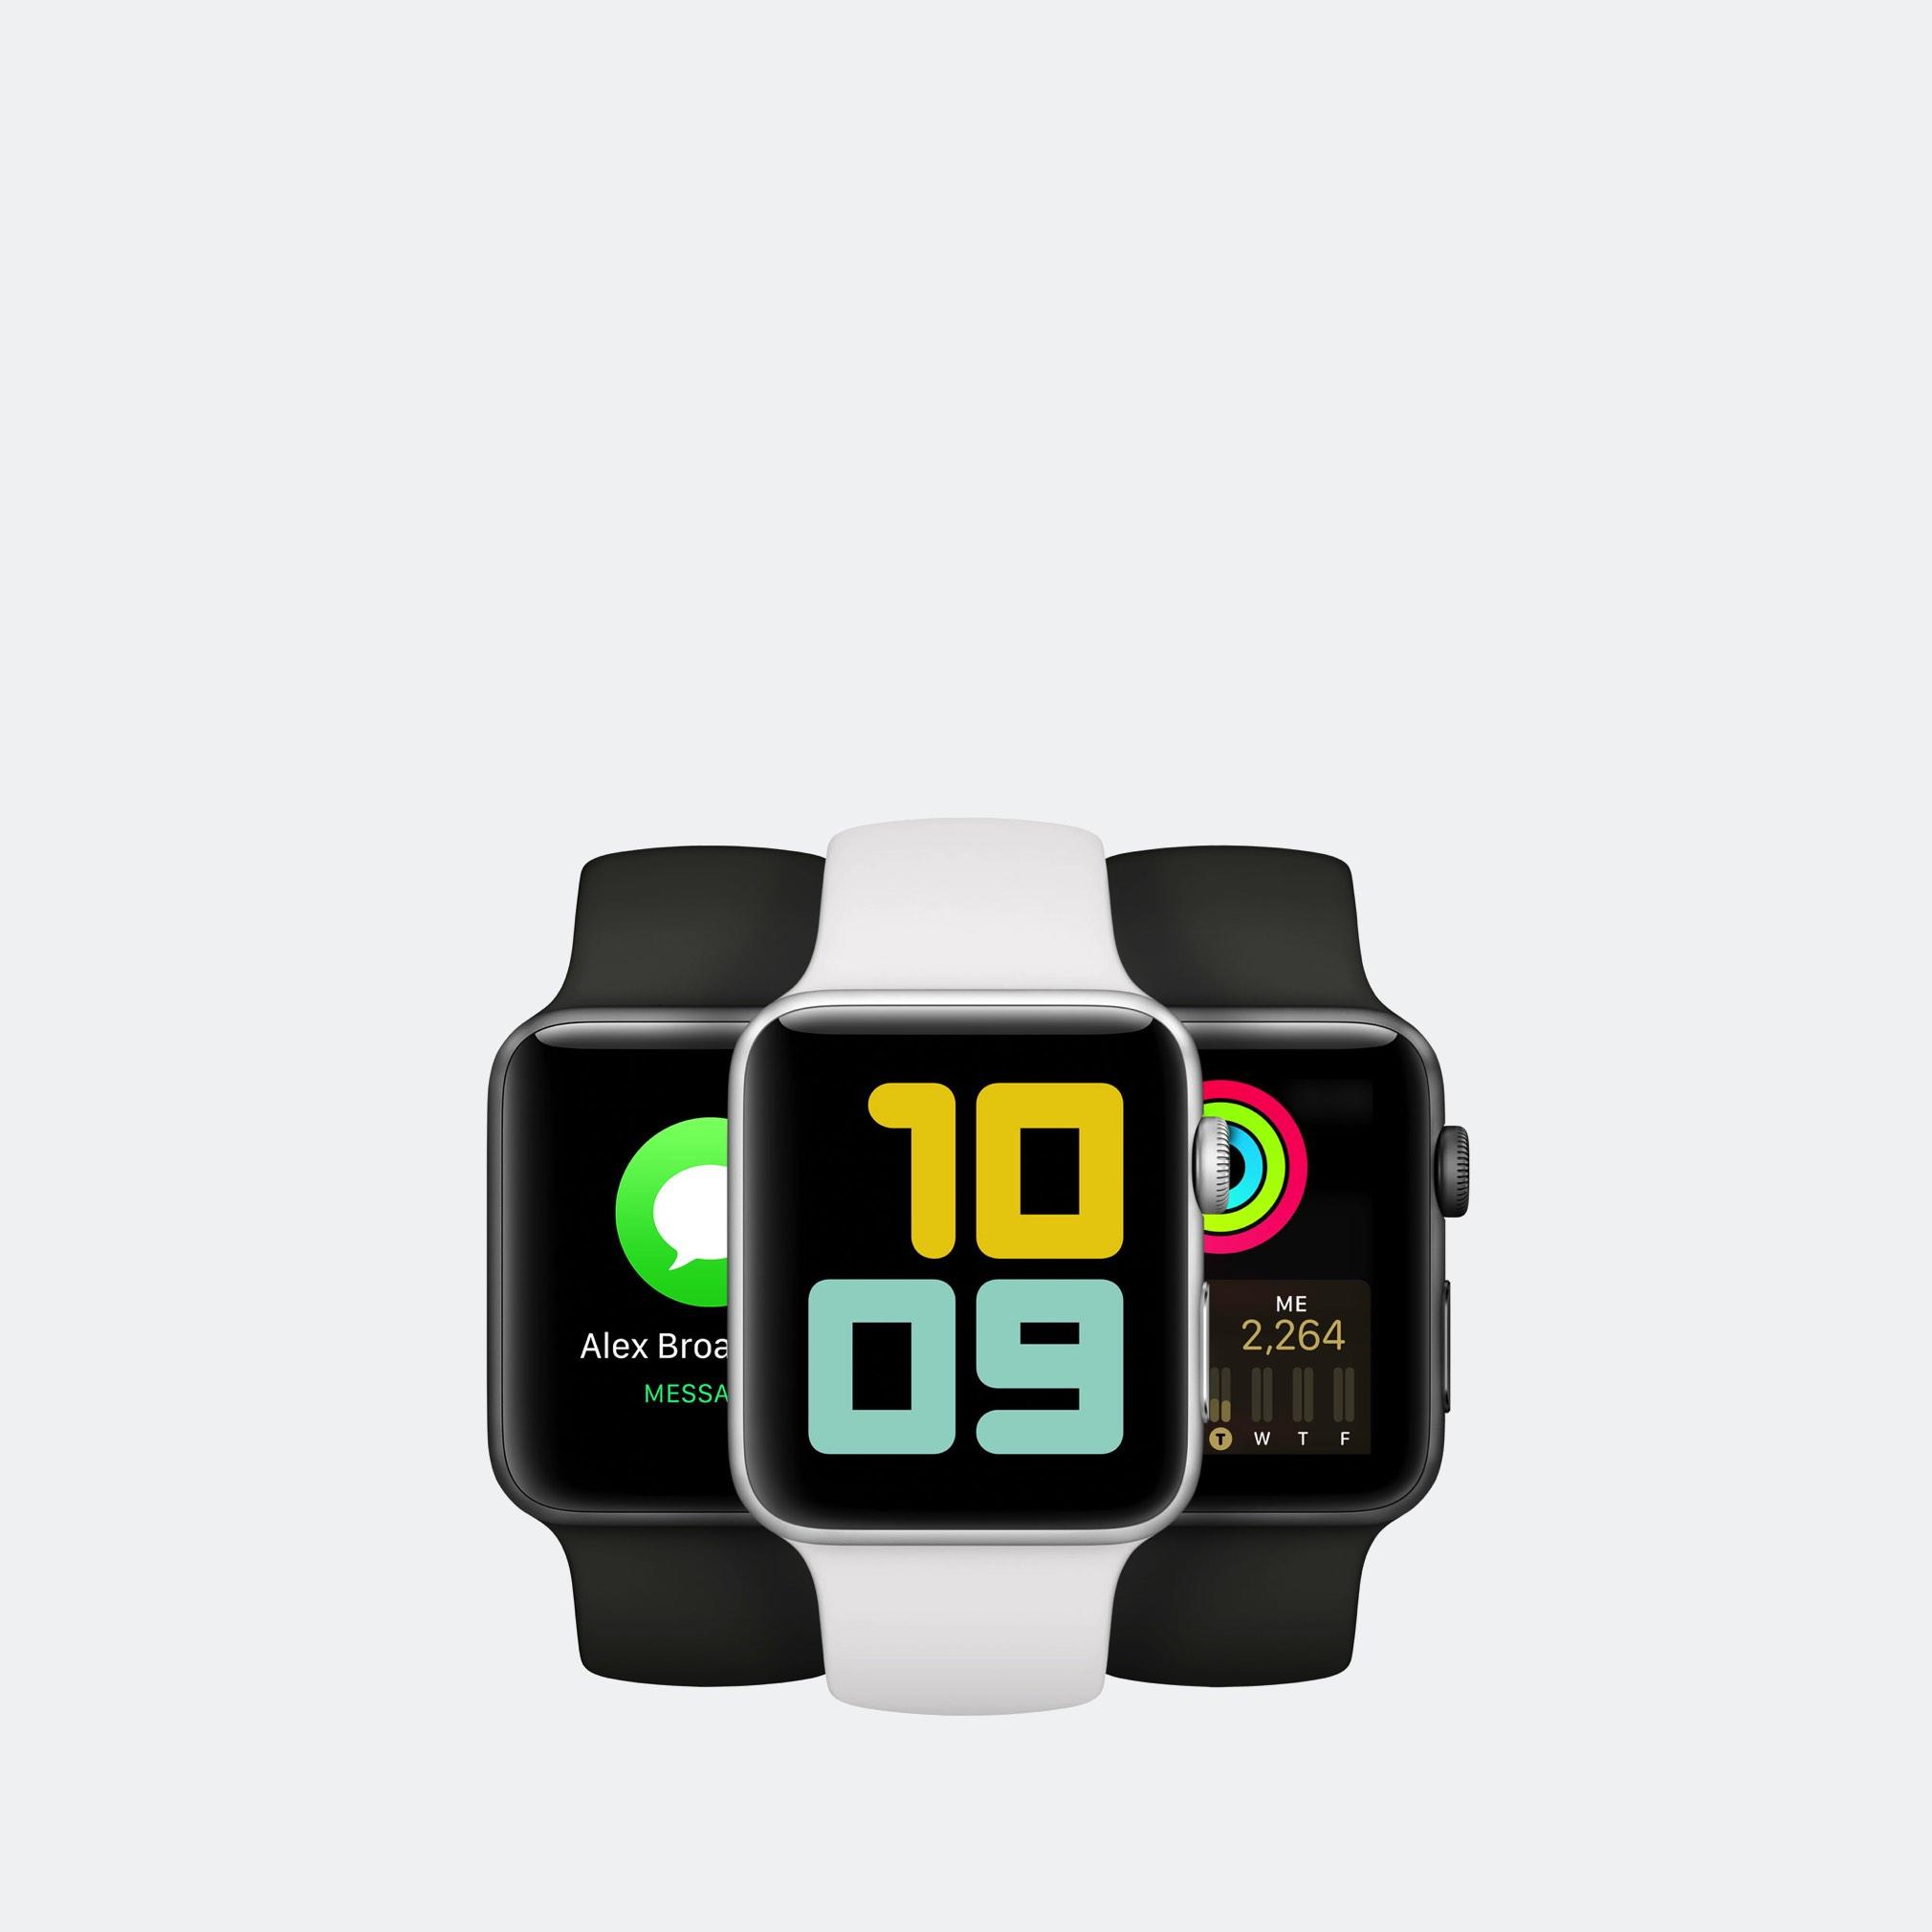 Apple Watch Series 3 Ninove